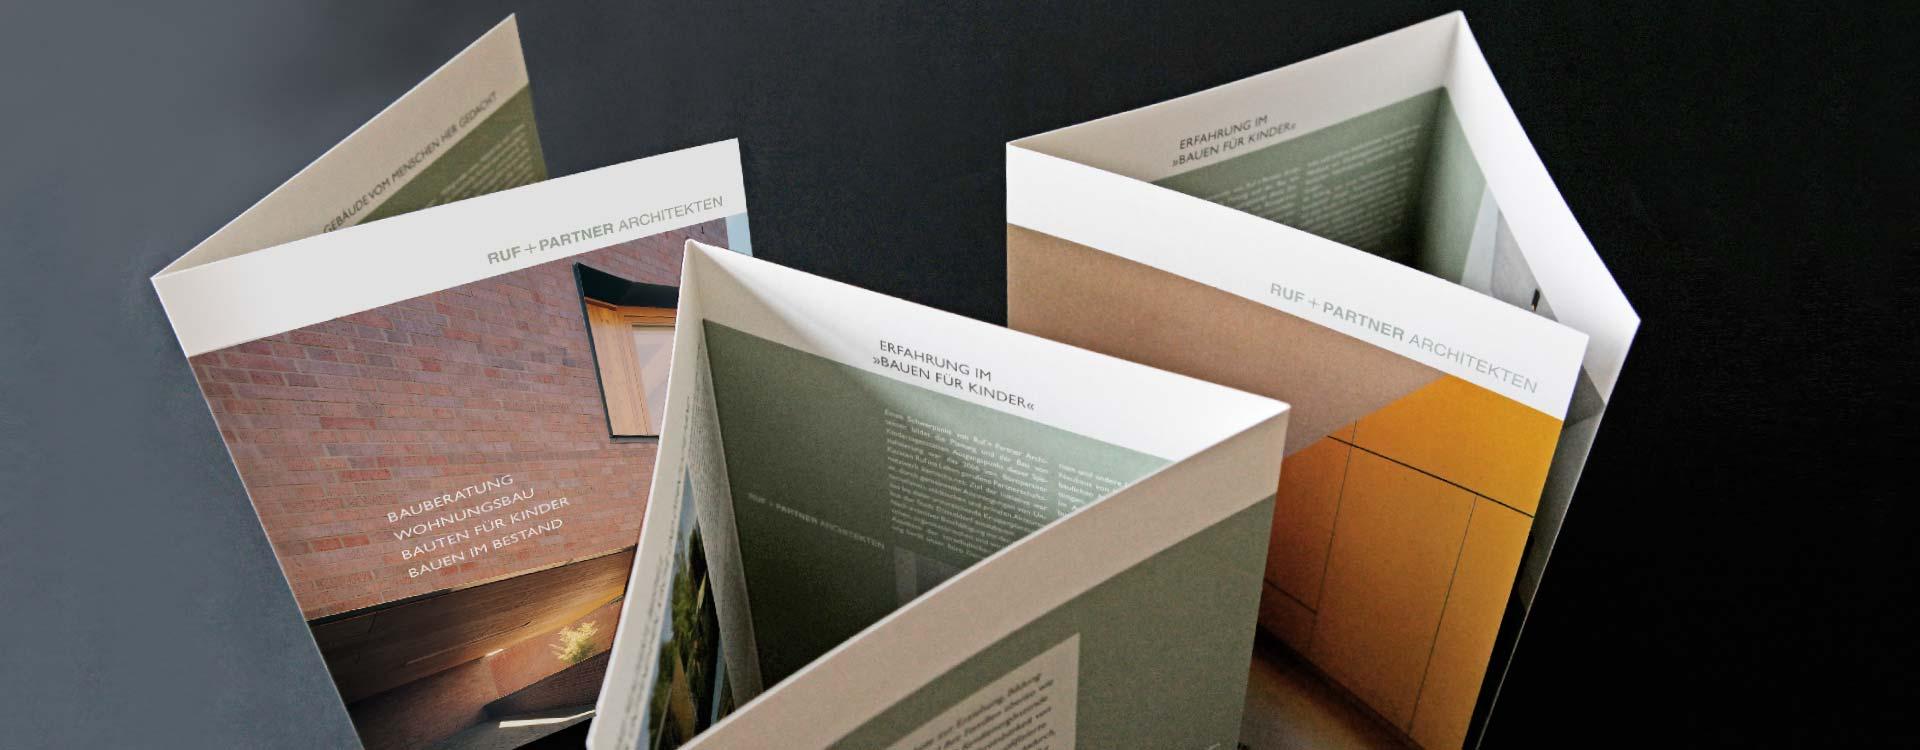 Faltblätter für das Architekturbüro Ruf + Partner; Design: Kattrin Richter |Büro für Grafikdesign